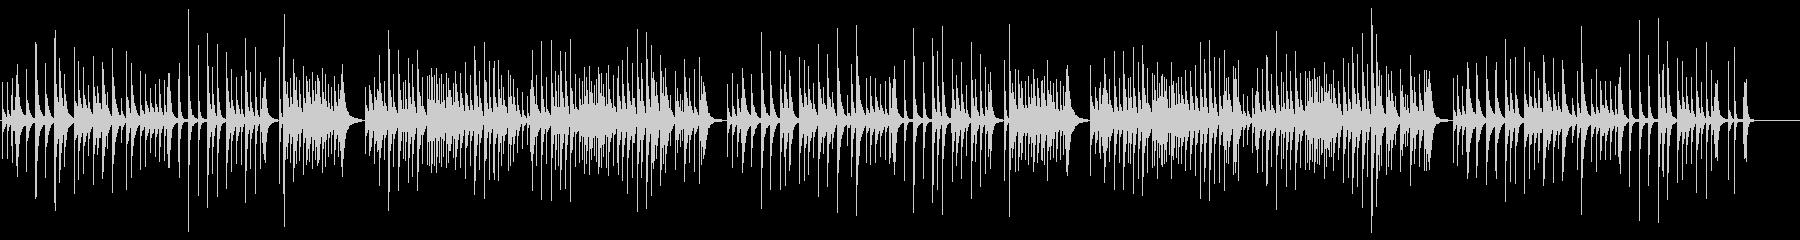 ゆったりとした和風オルゴールBGMの未再生の波形